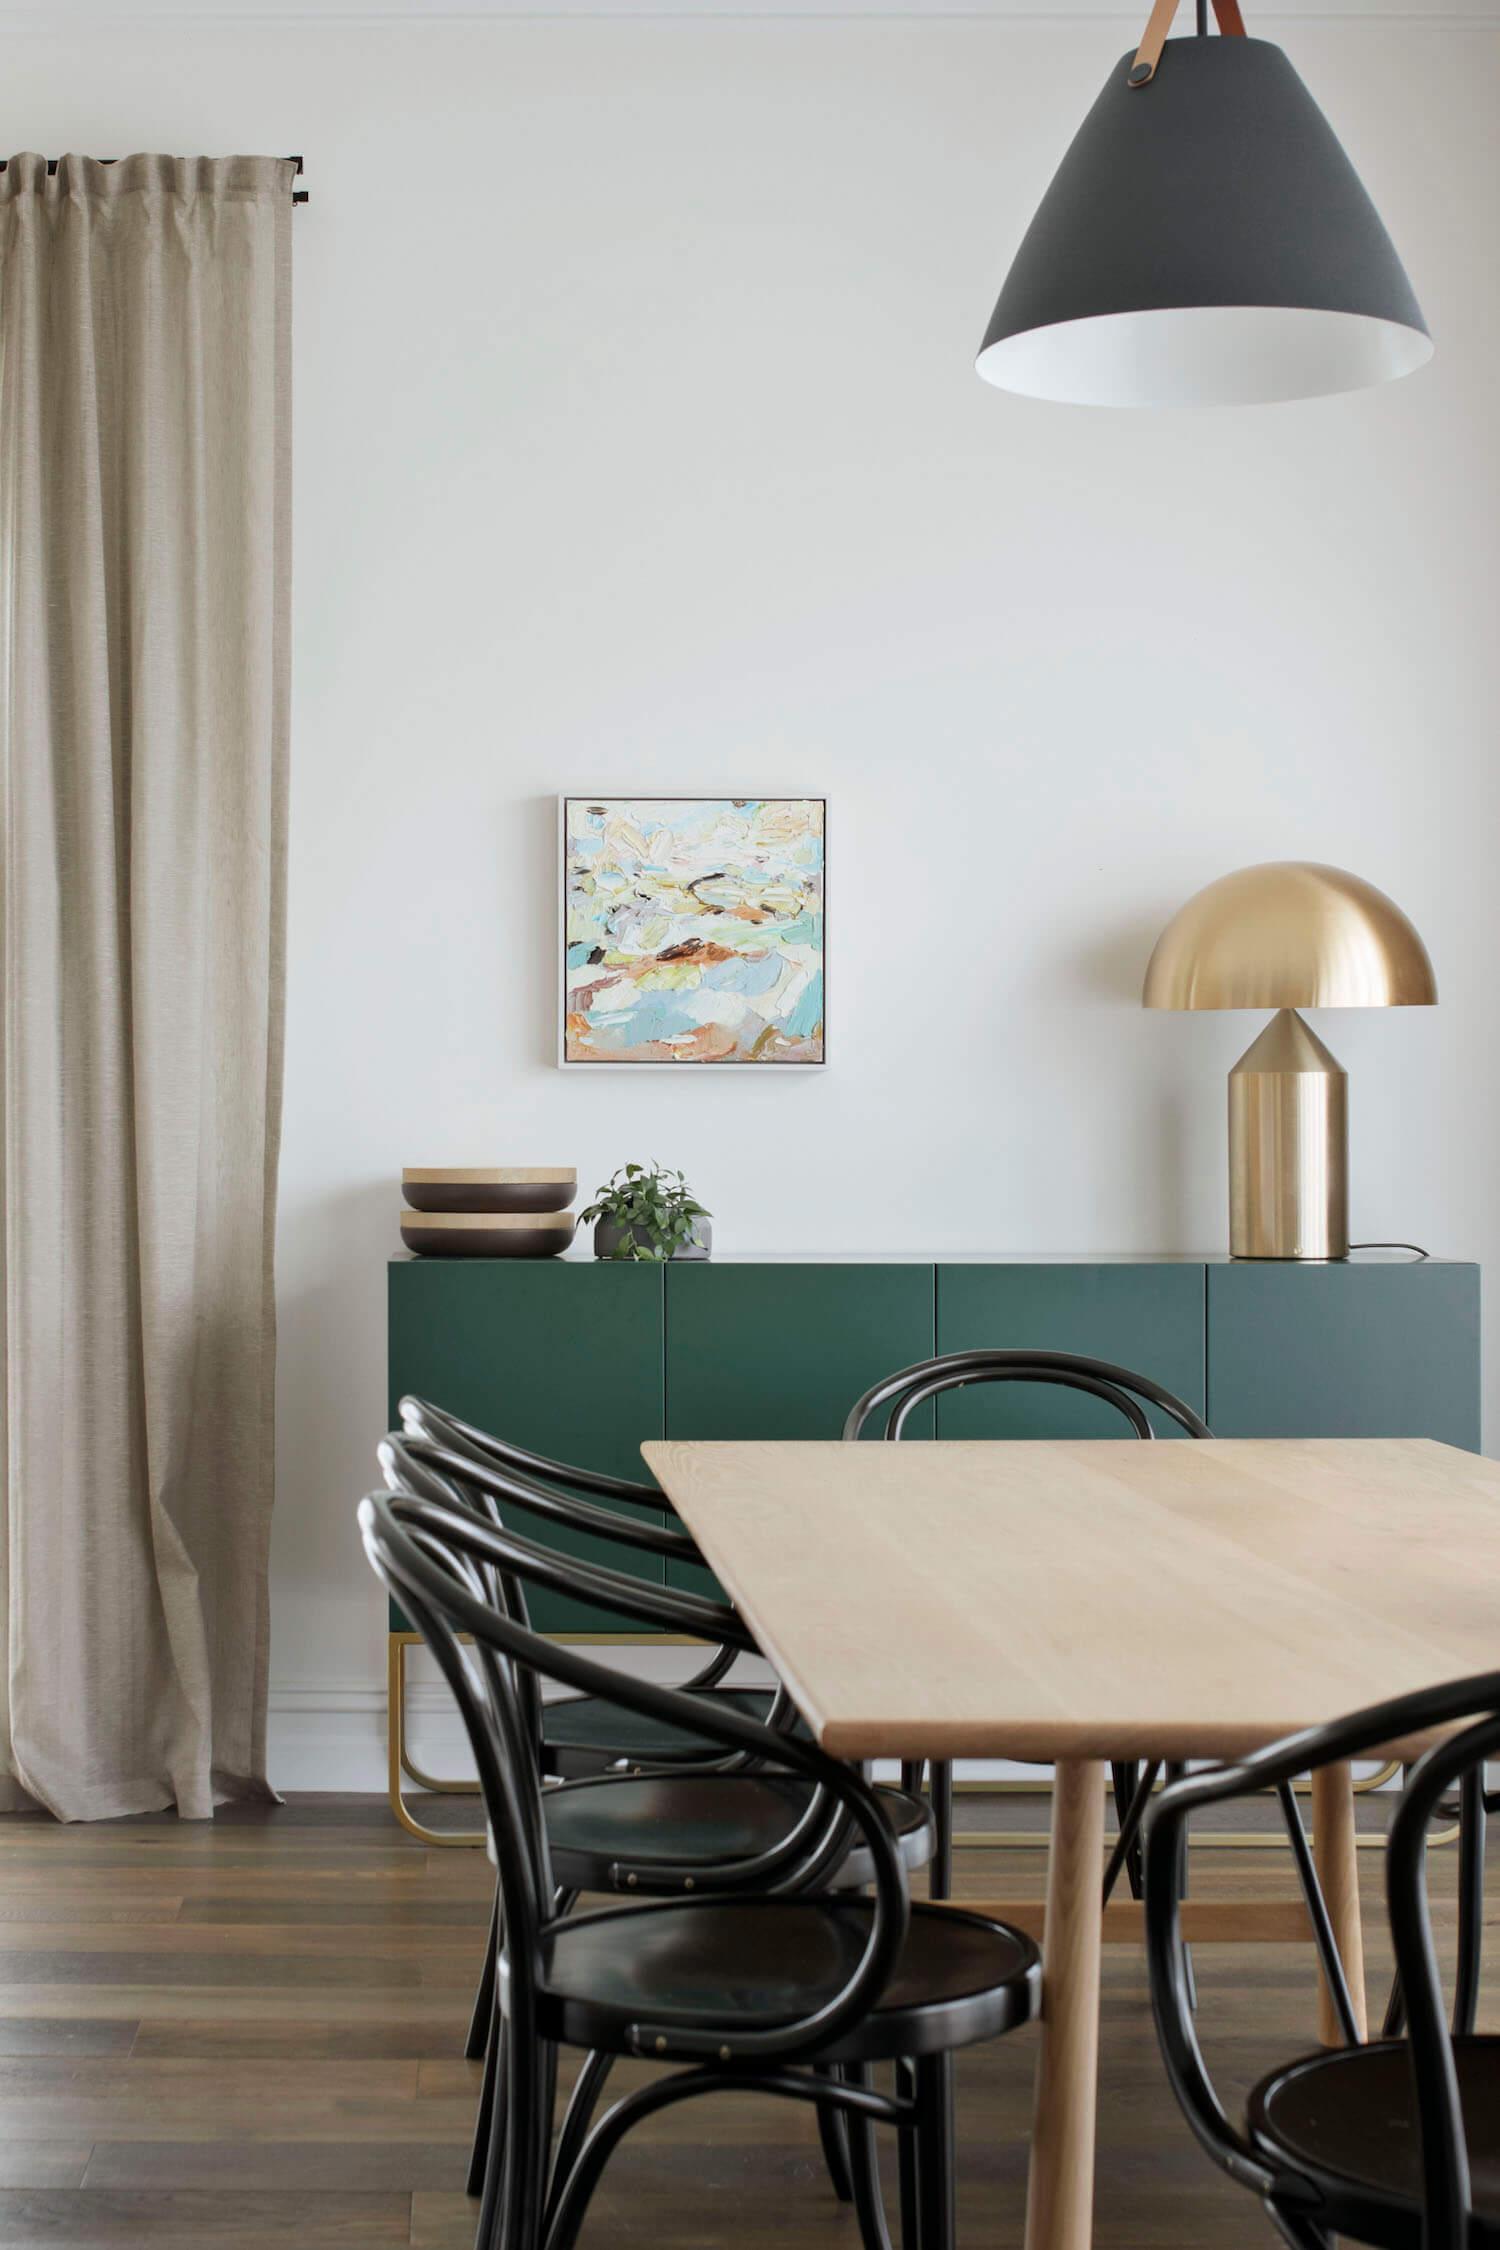 est living australian interiors cjh design rosebery home 10